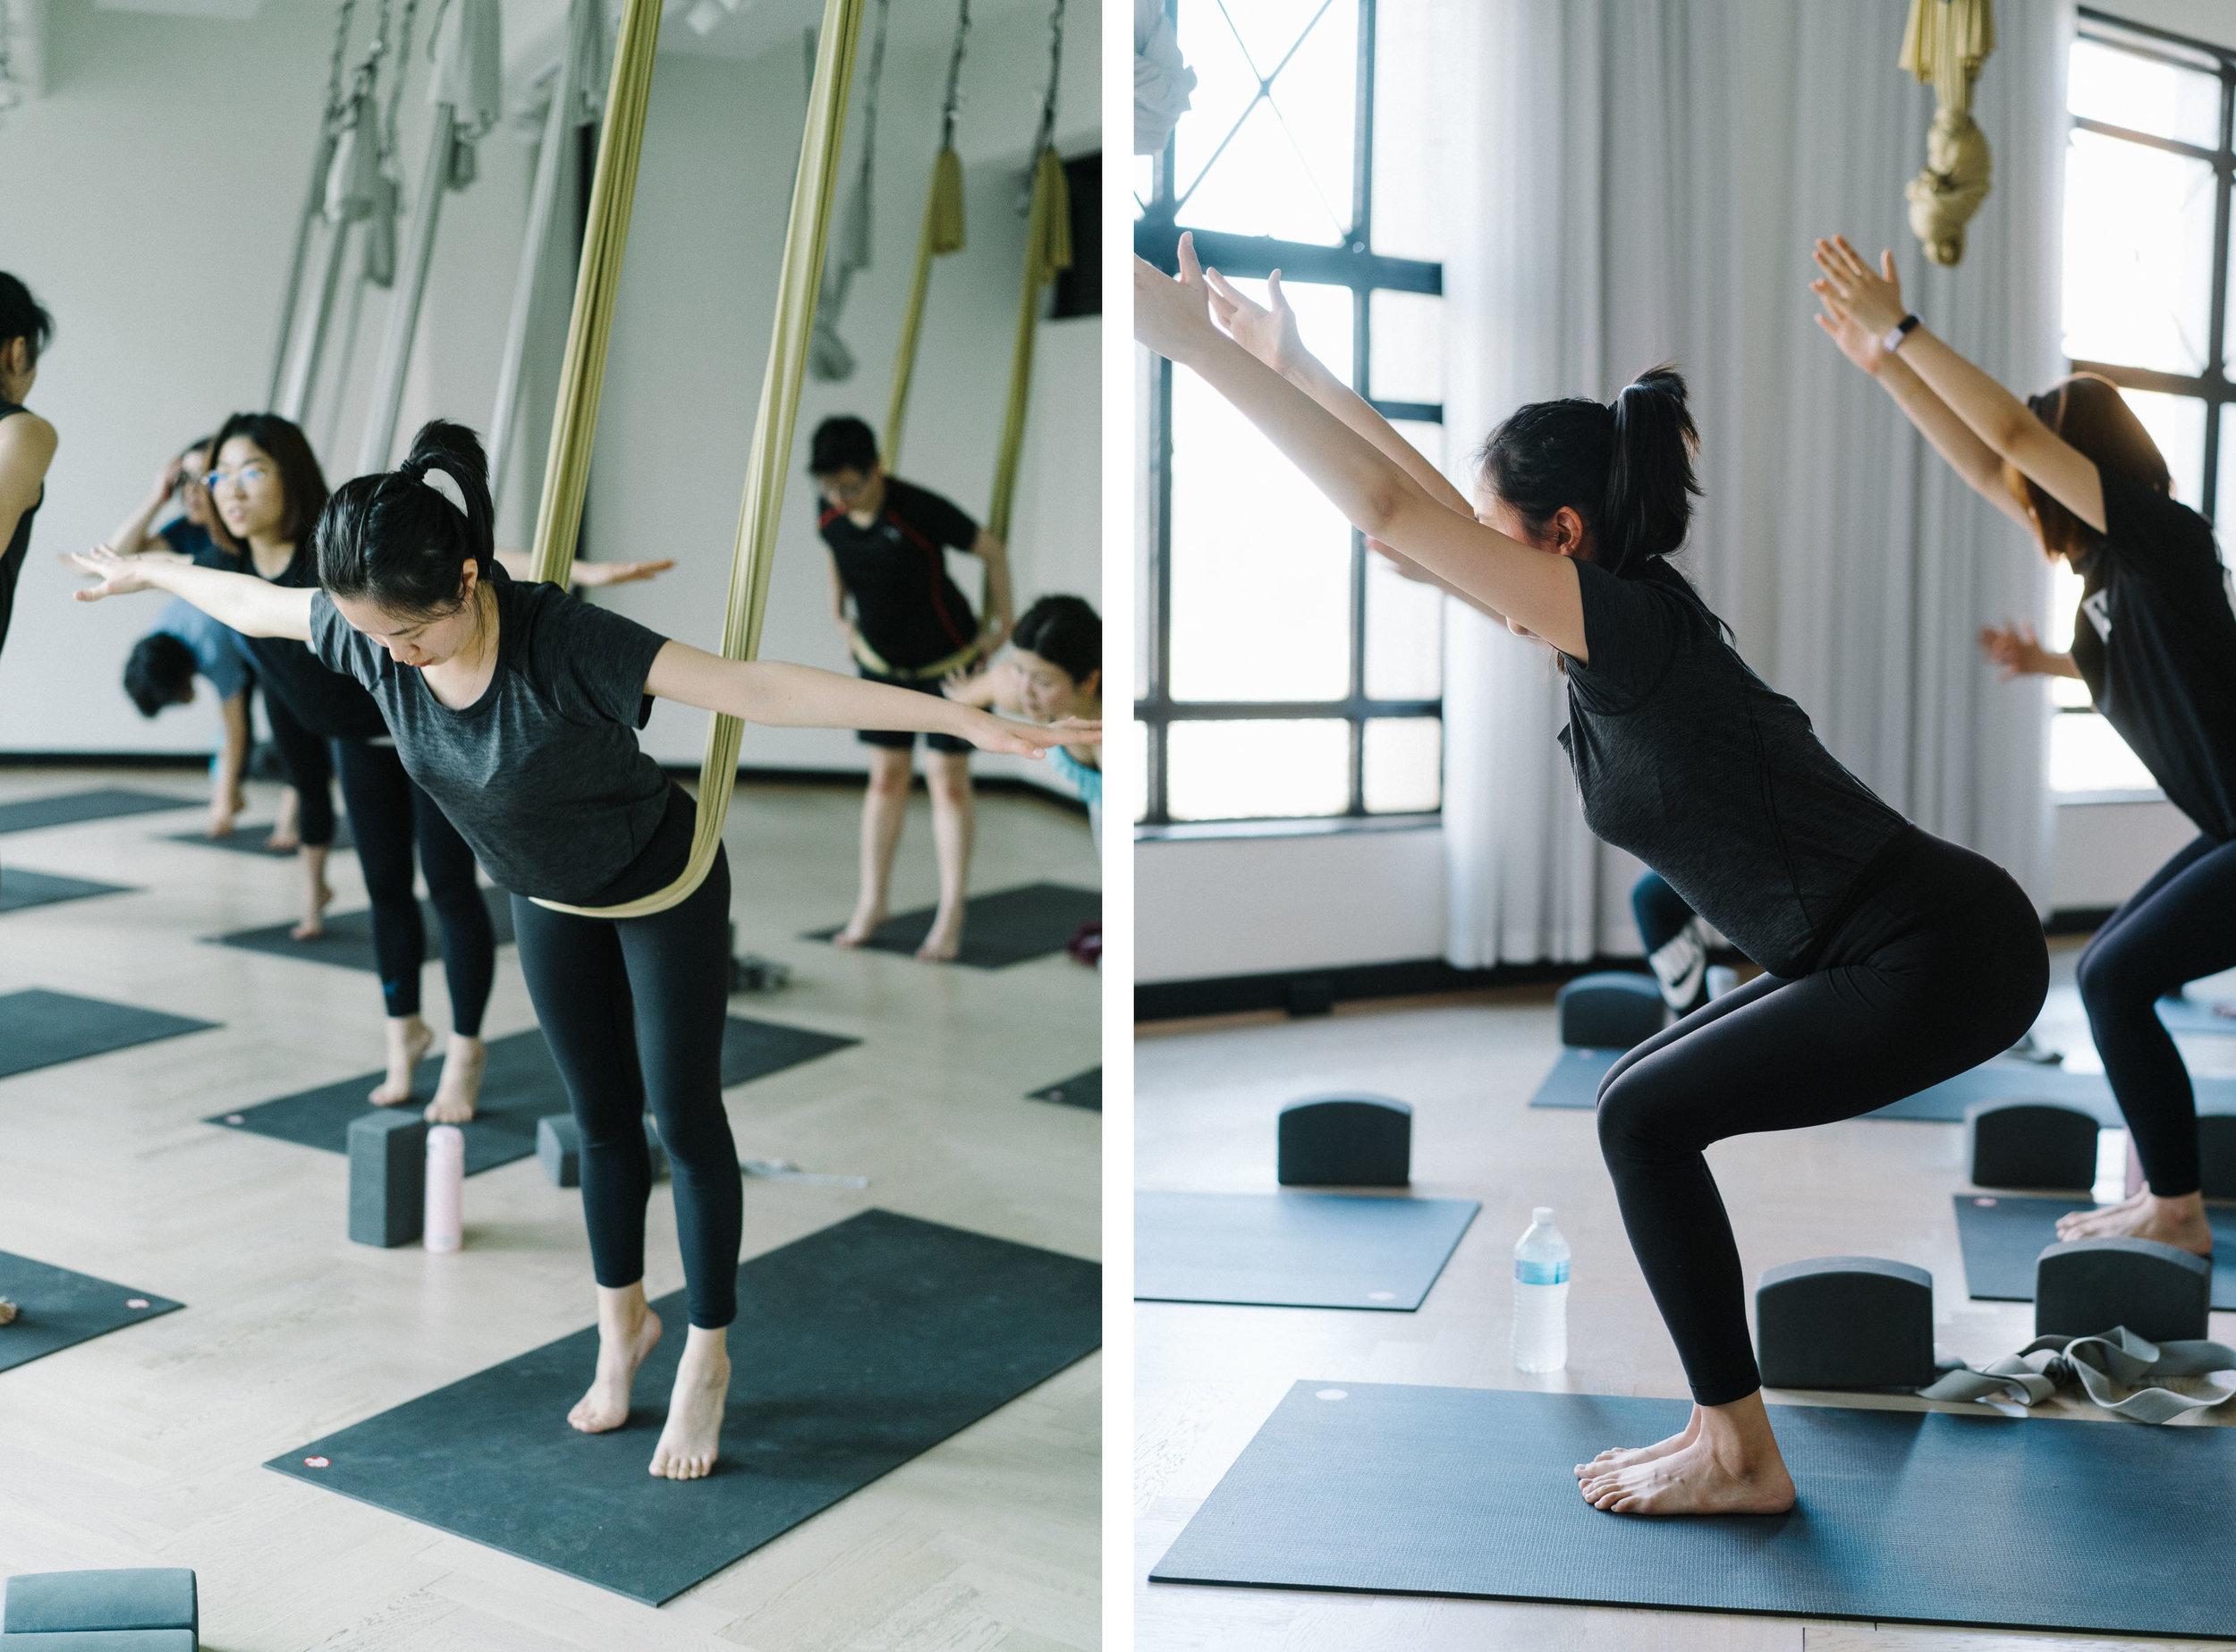 两个月前,我在Little Mandarin开始瑜伽练习。当时心想就是想通过瑜伽改善形体、缓解压力,从而达到减肥和减压的效果。通过五周基础课程练习,让我对瑜伽有了更深层的理解。当然,我很幸运遇到Jowing,她是一位很特别的老师,严格但又不失亲切。在练习过程中,她会尽全力帮助我们,并不断开发我们的潜能。对我而言,通过这五周的练习,从中收获到——如何将呼吸和体式相结合;如何借助辅助工具来打开身体;如何避免受伤。这些在瑜伽练习中都非常实用,将其带到今后的练习课中,也使自己的身体感受到更多。    享受瑜伽带来的快乐,坚持瑜伽练习,不断提升自我的同时,自信、积极、阳光,这些正能量标签都会悄悄靠近。    —— 瑜伽基础班学员    Jane Shen